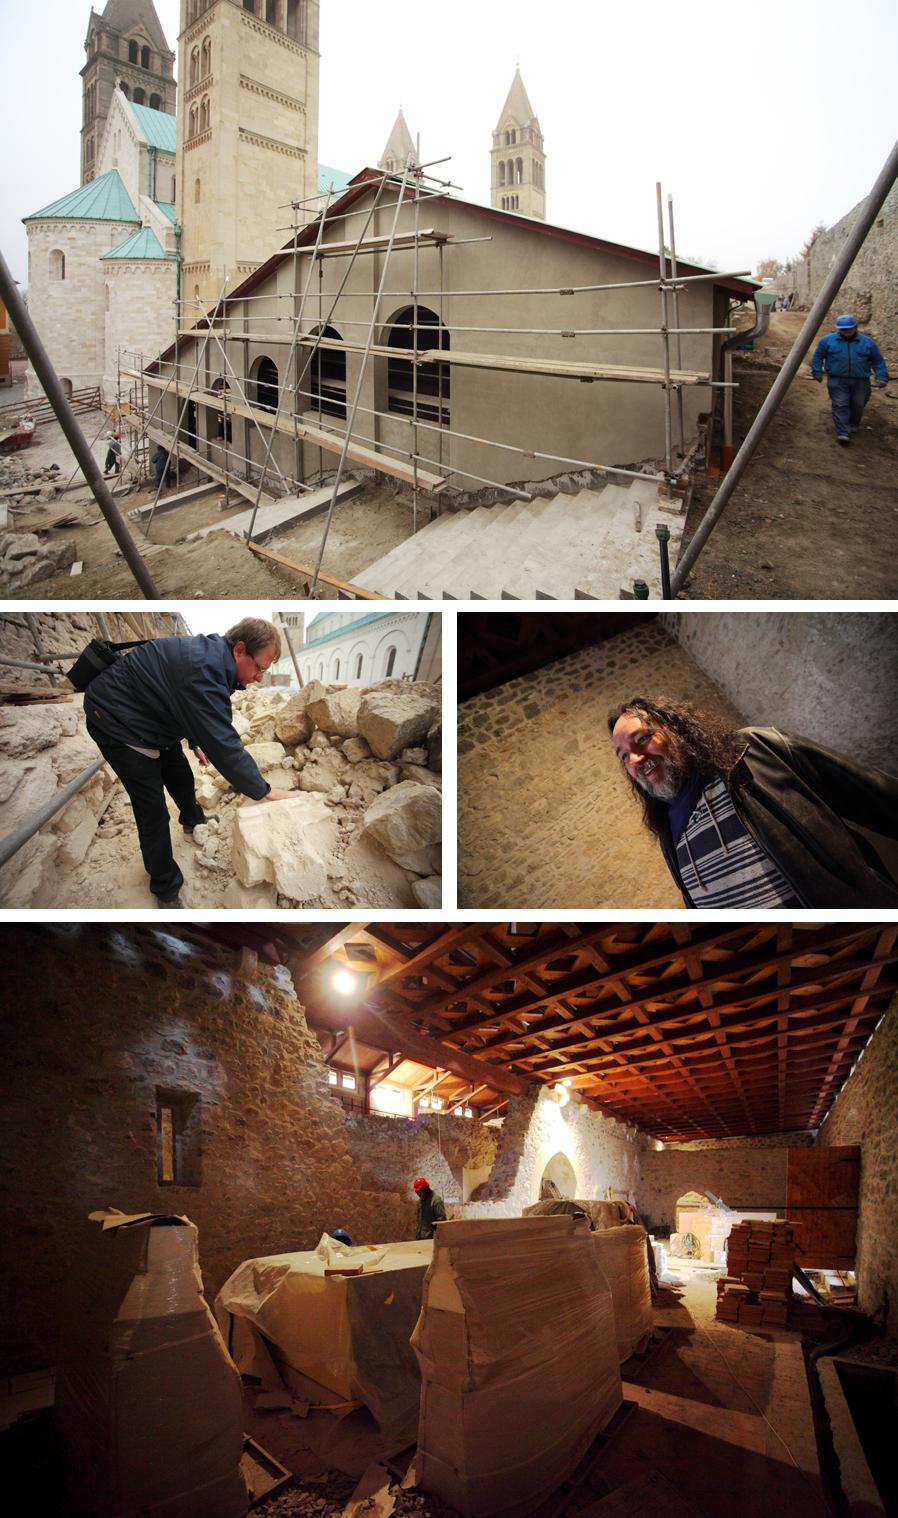 http://www.muemlekem.hu/images/magazin/20111201pecsvarfal/04.jpg